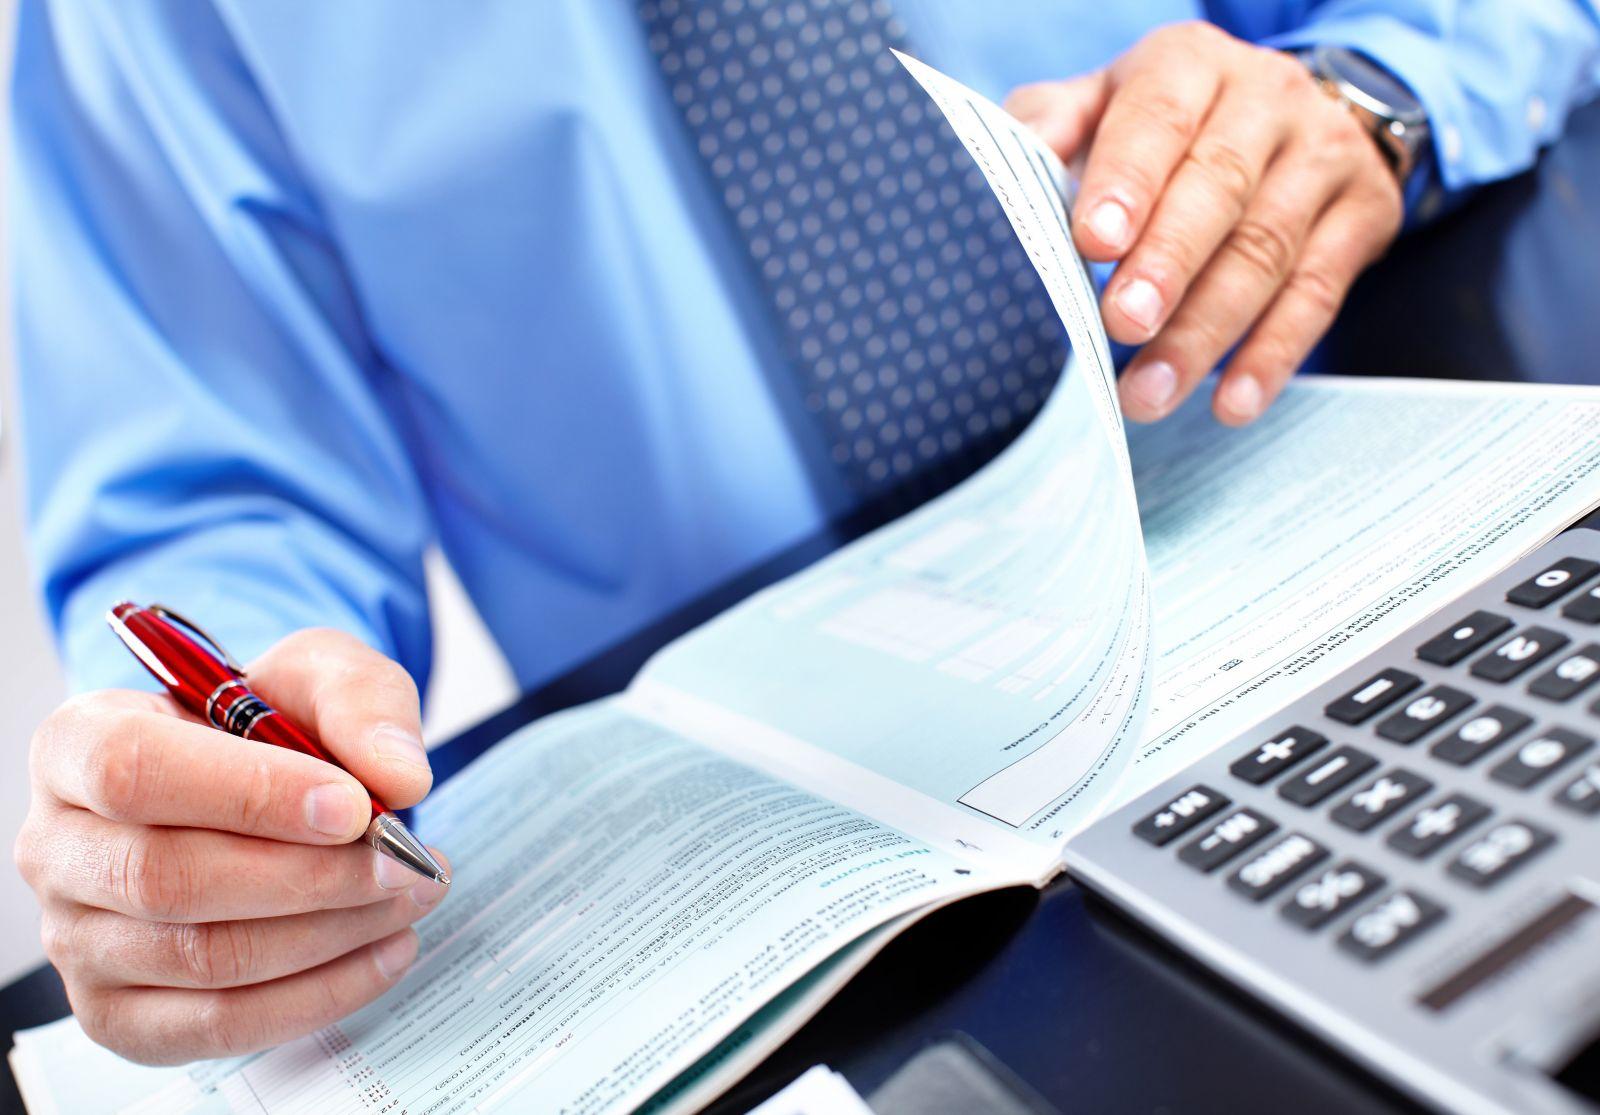 Công văn 5459/TCT-TNCN ngày 25/11/2016 của Tổng cục Thuế v/v hướng dẫn thuế TNCN đối với giá vốn hoạt động chuyển nhượng vốn